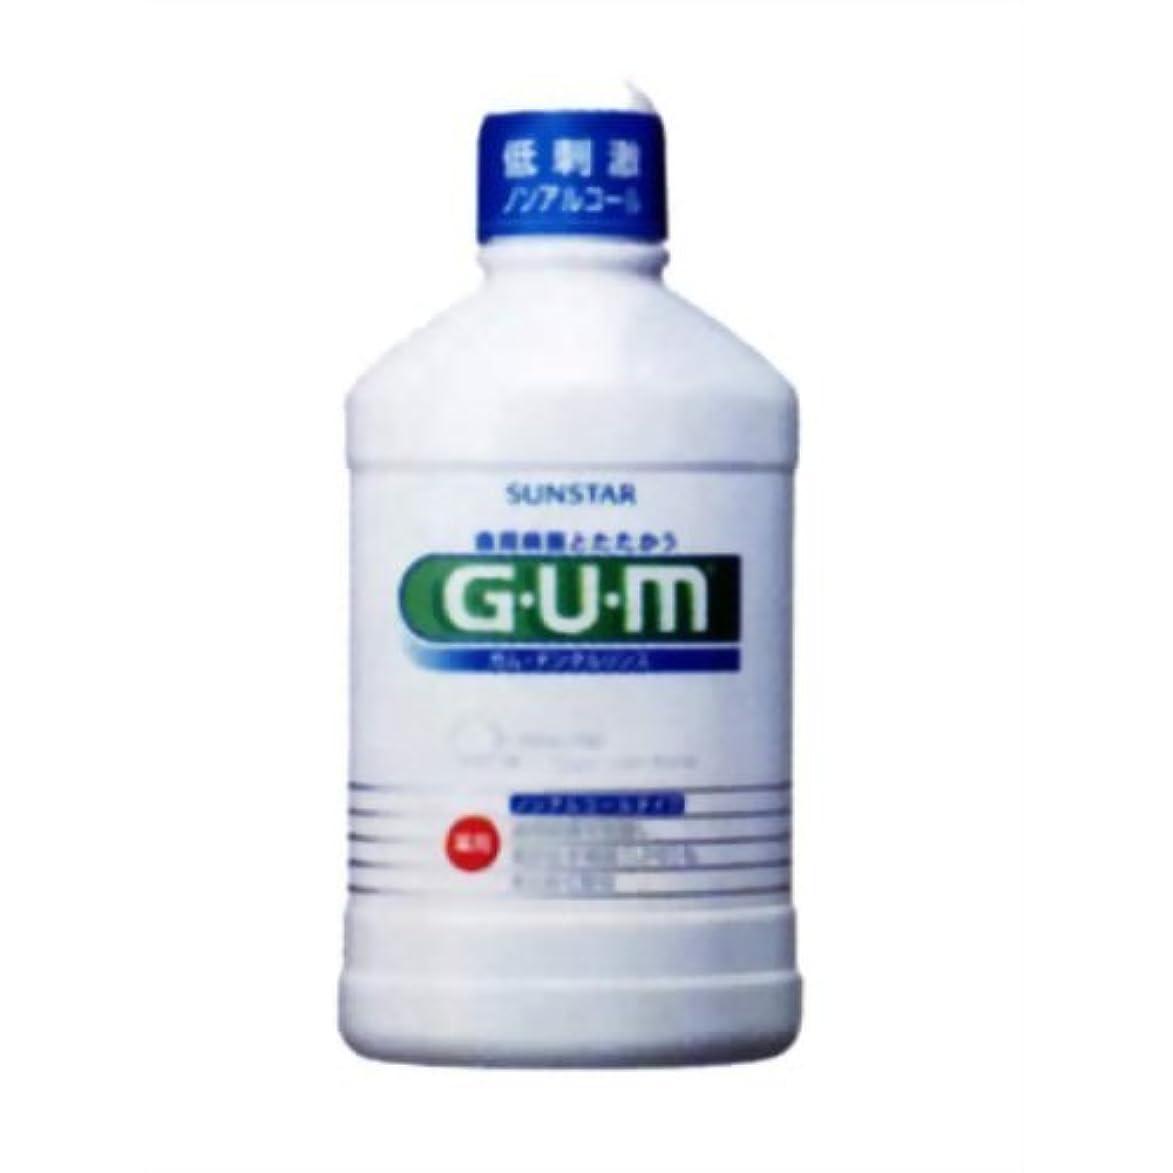 ロック解除オートメーション留まるGUM(ガム) 薬用 デンタルリンス ノンアルコールタイプ 250ml